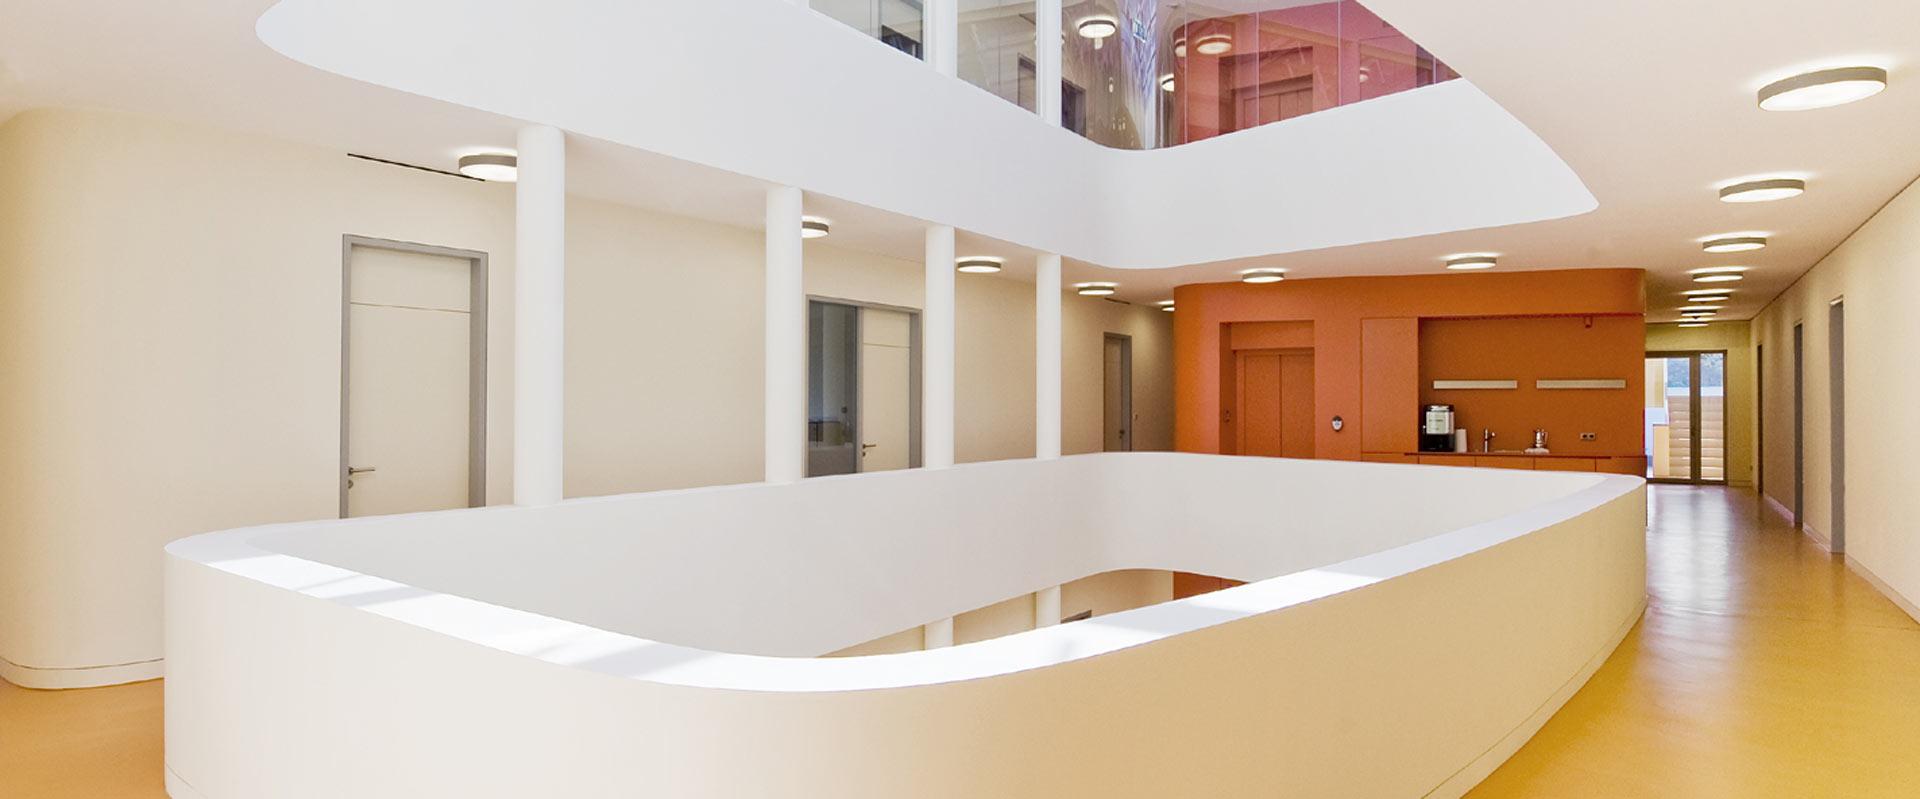 Goeke Falke Architekten BDA – Architektur, Innenarchitektur und ...